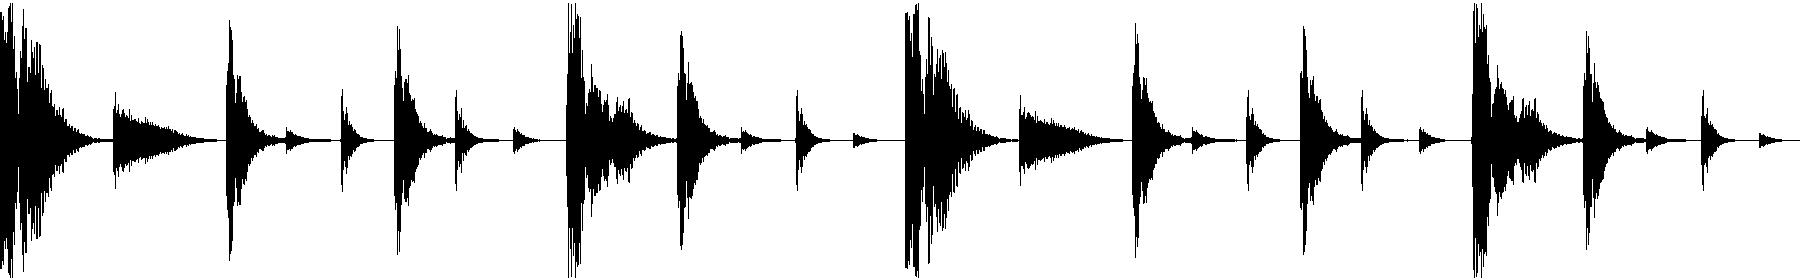 blbc electrodrums 95 03